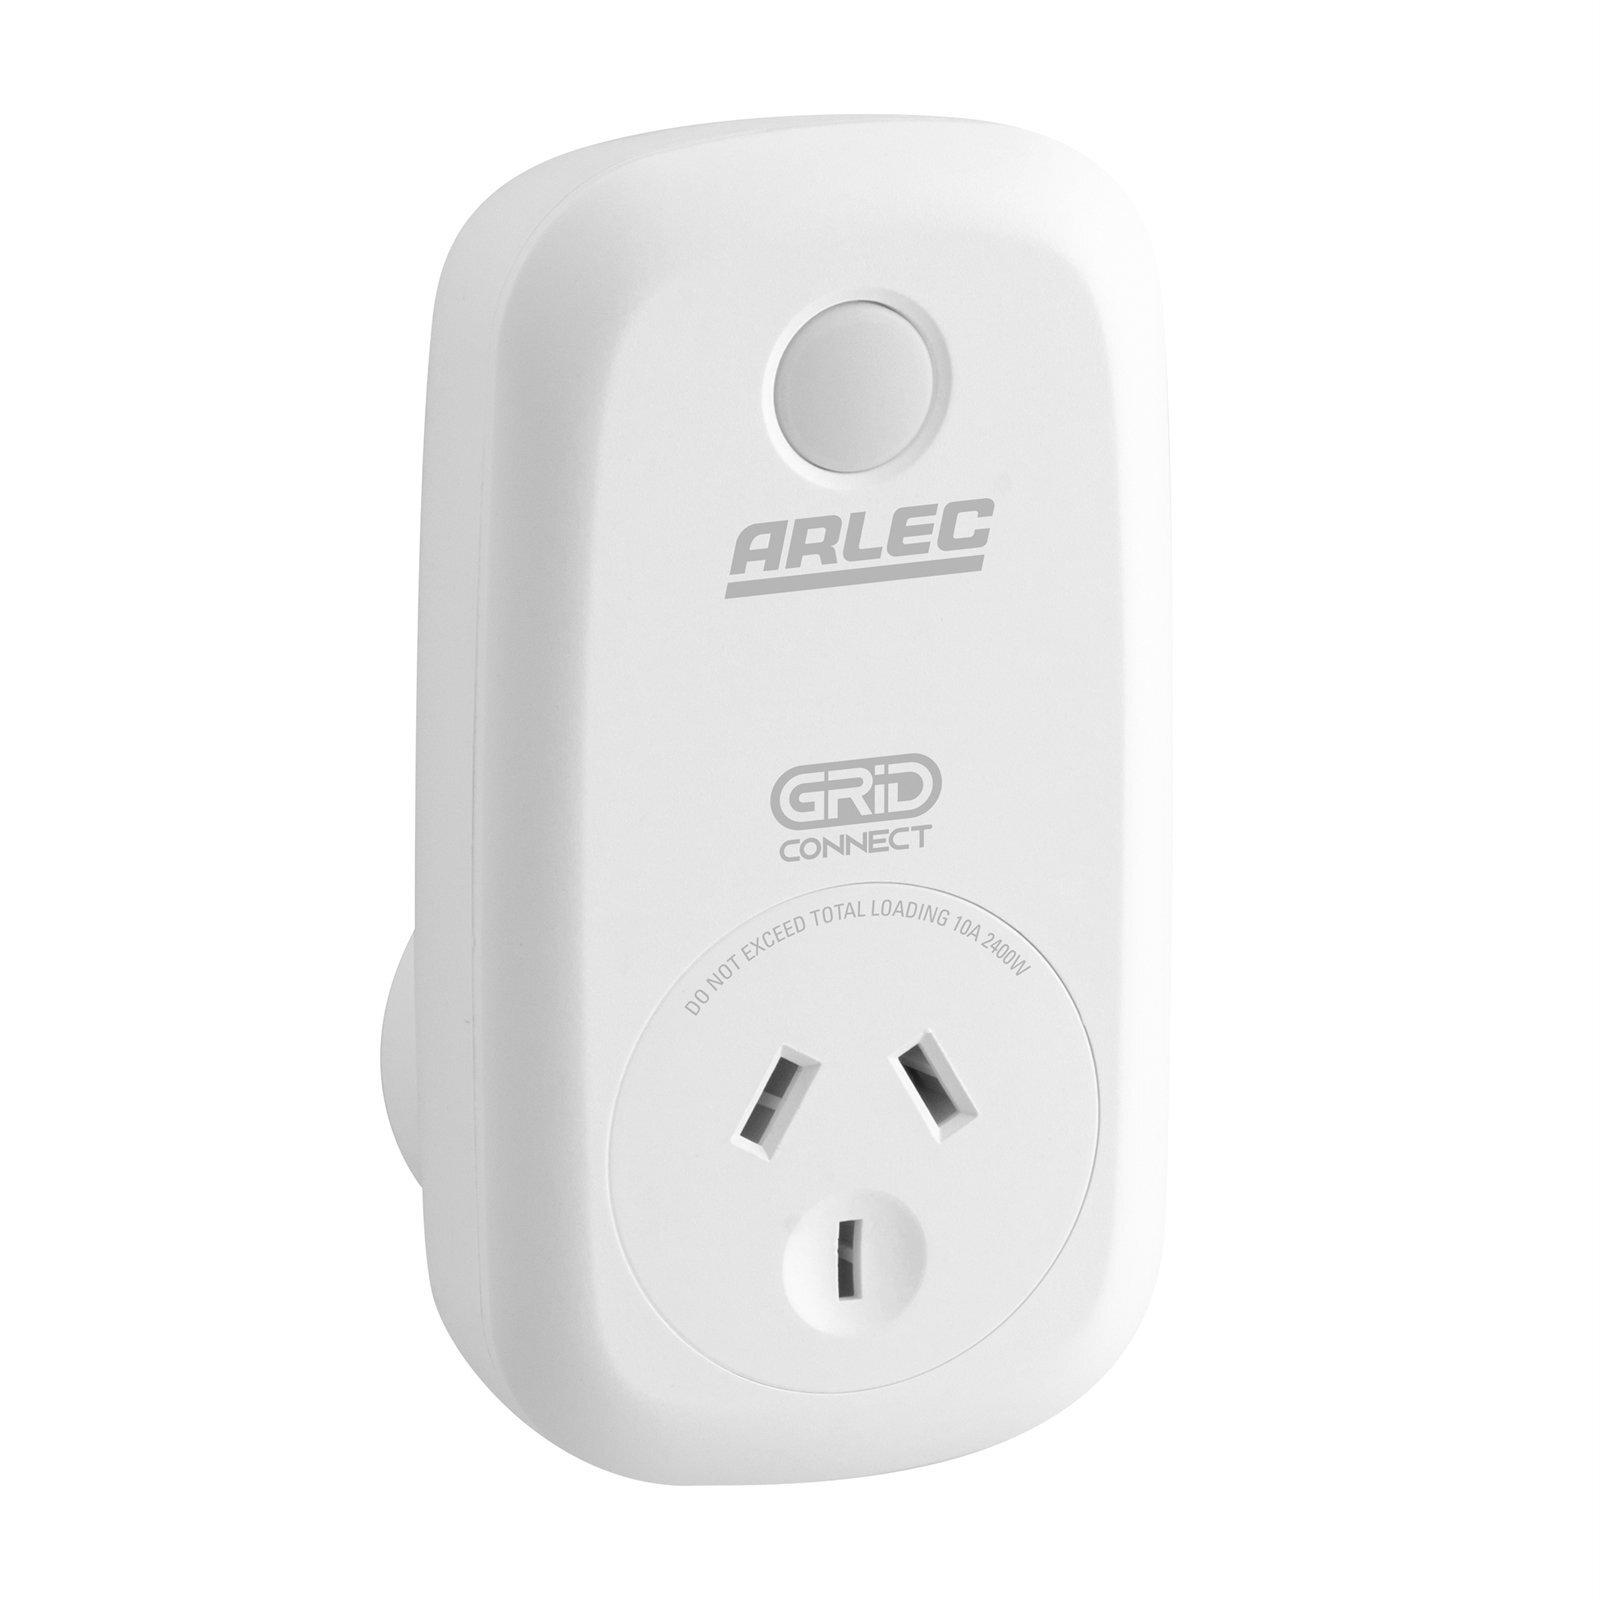 Arlec Grid Connect Smart Plug In Socket